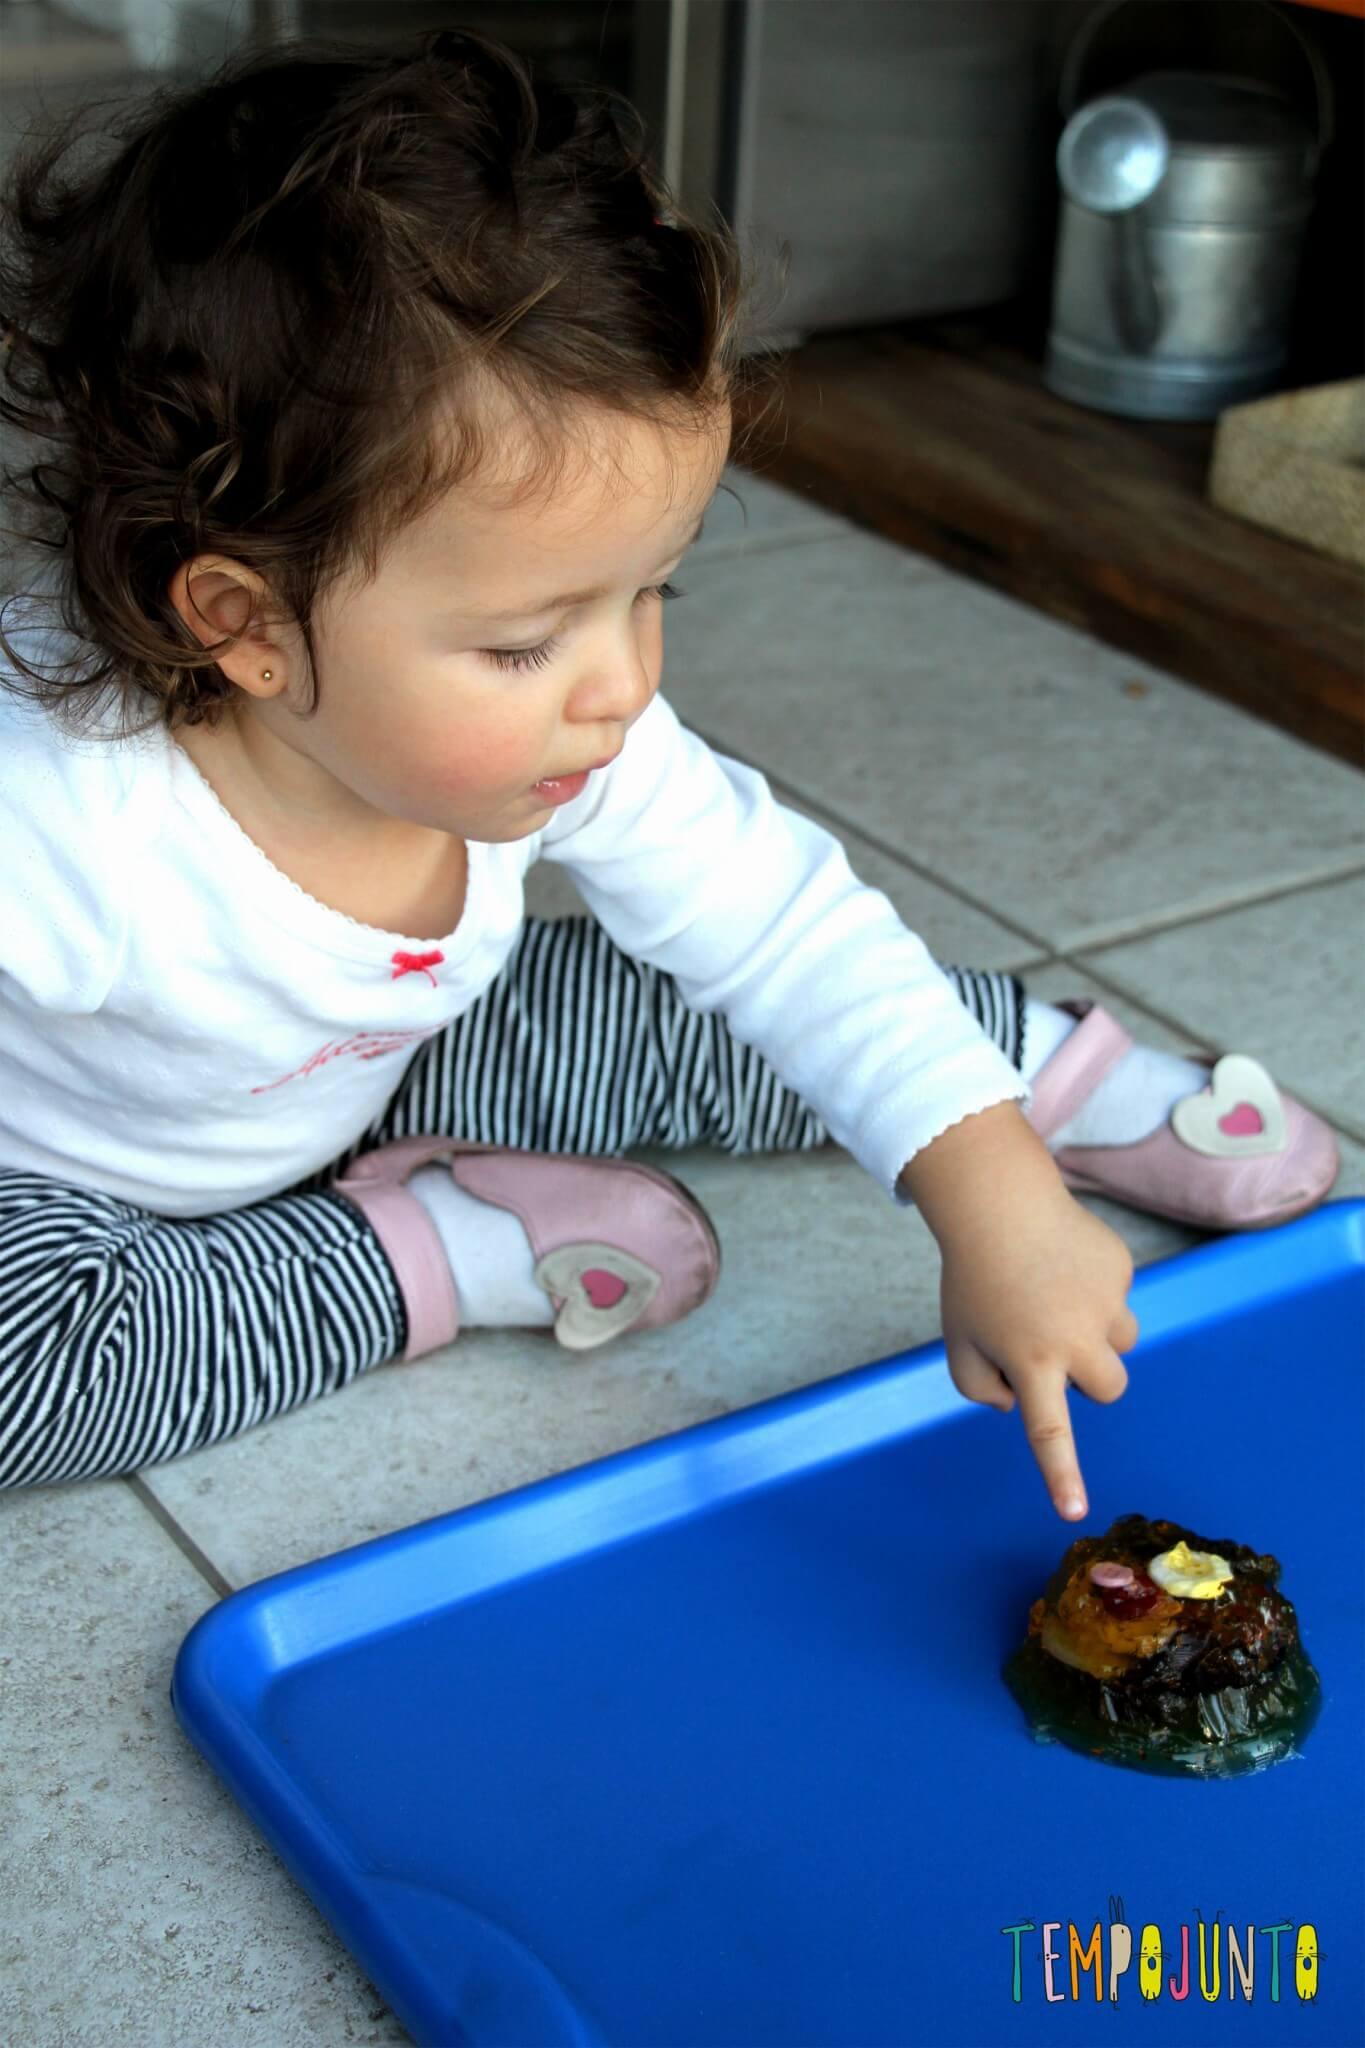 Mais uma brincadeira com gelatina para bebês - gabi com o dedinho